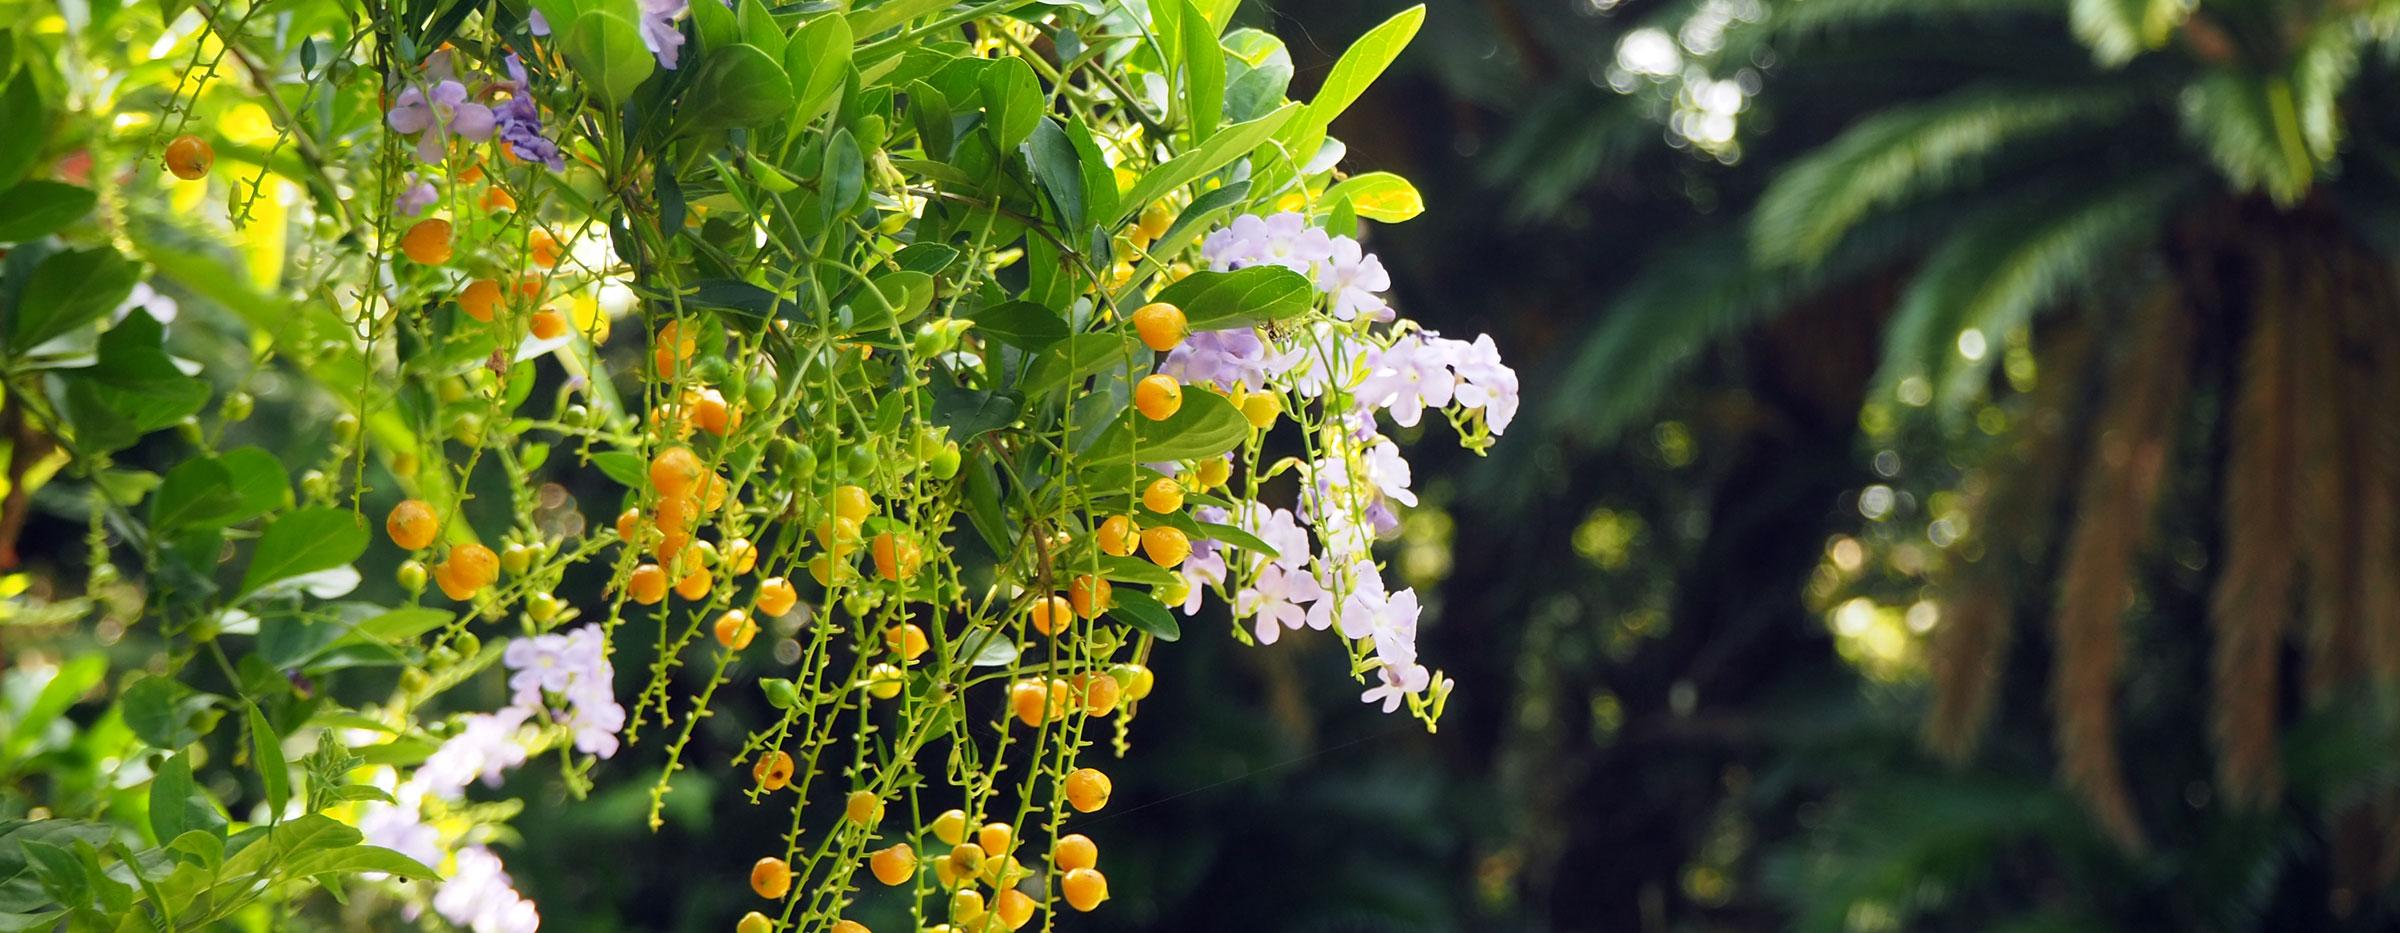 奄美大島の長期滞在可能なペンション【あーりーばーど】 |  亜熱帯植物 亜熱帯